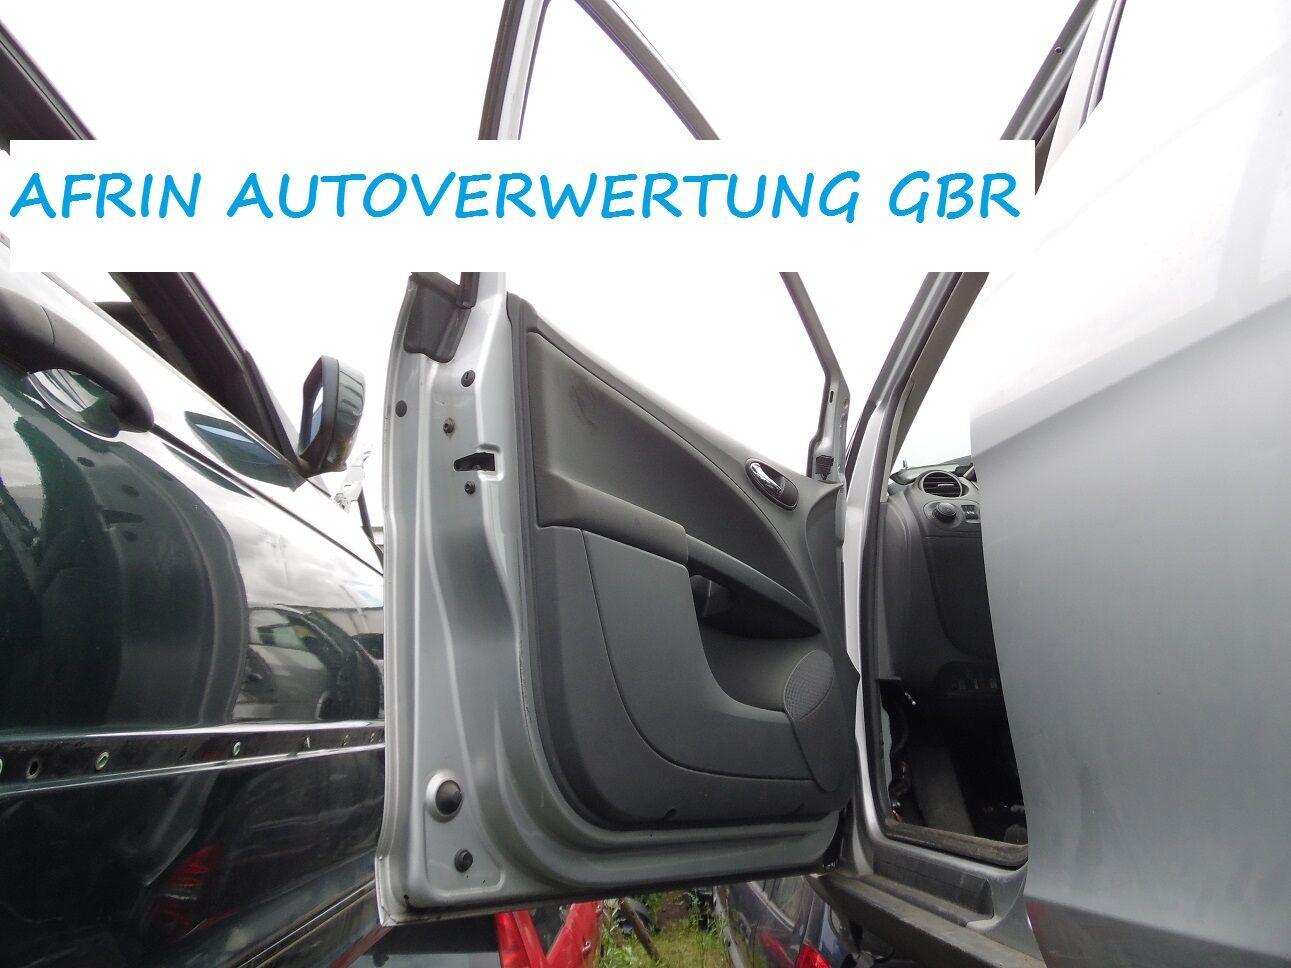 autoverwertung02654